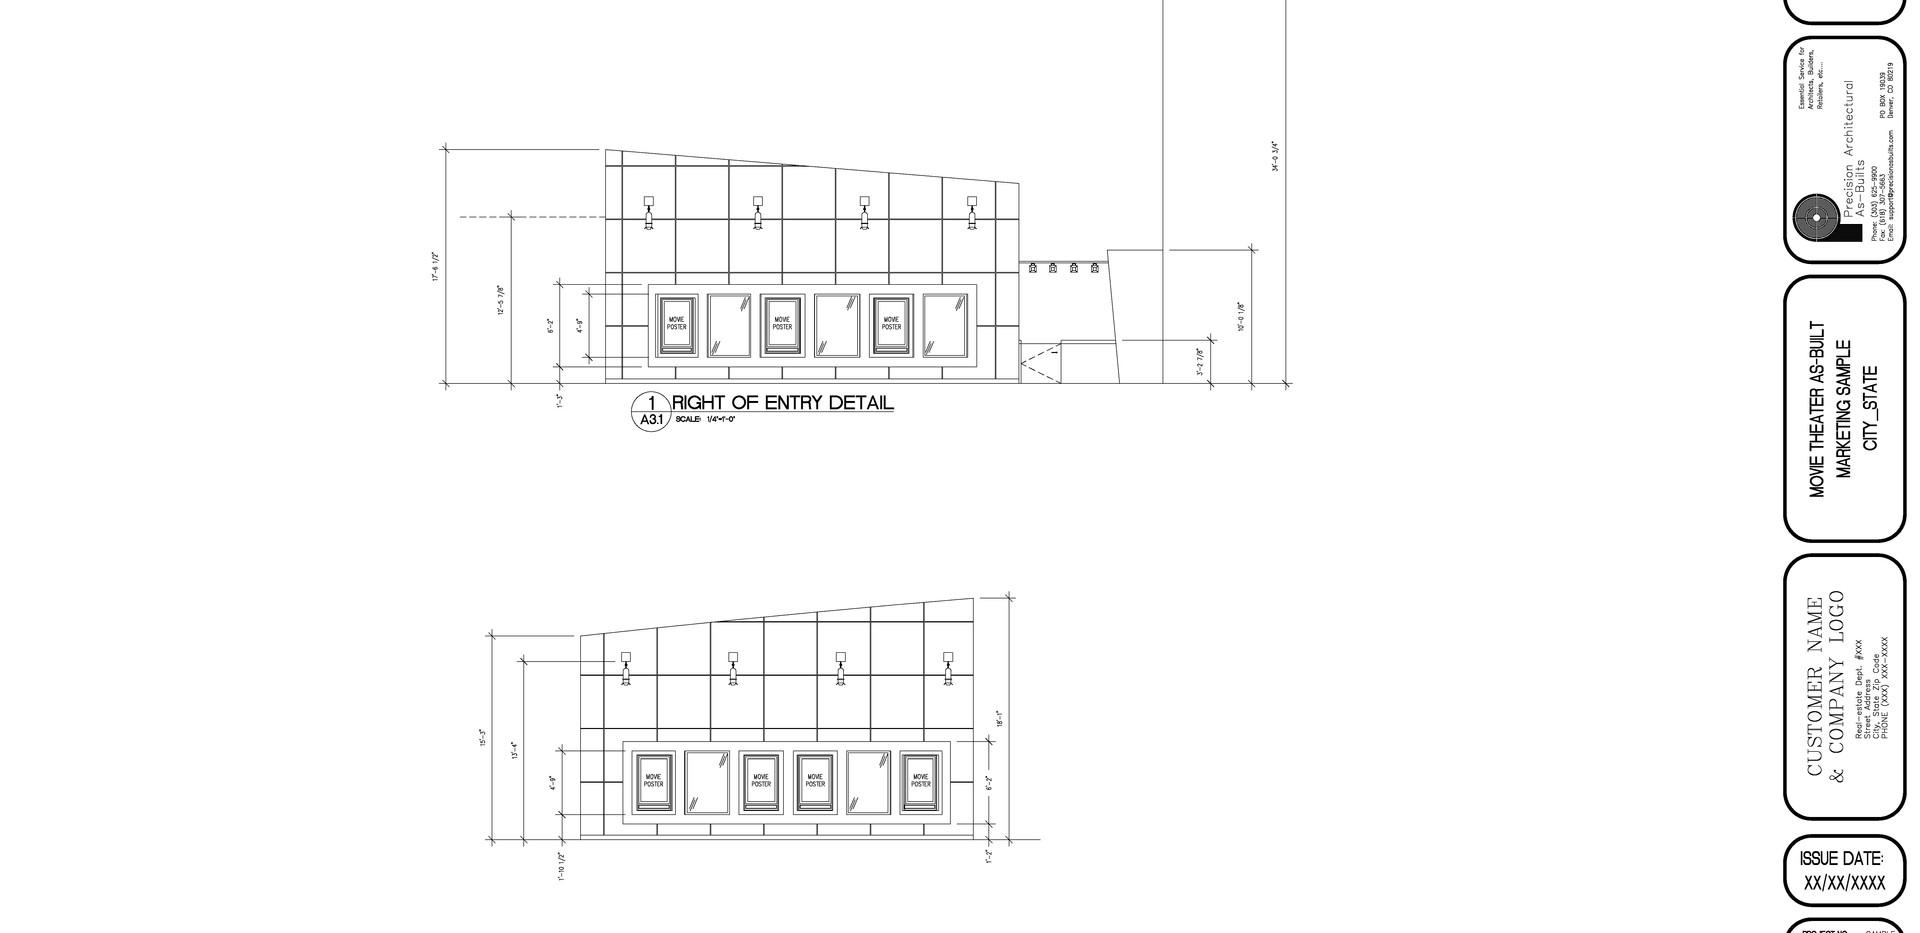 Interior Elevations A3.1